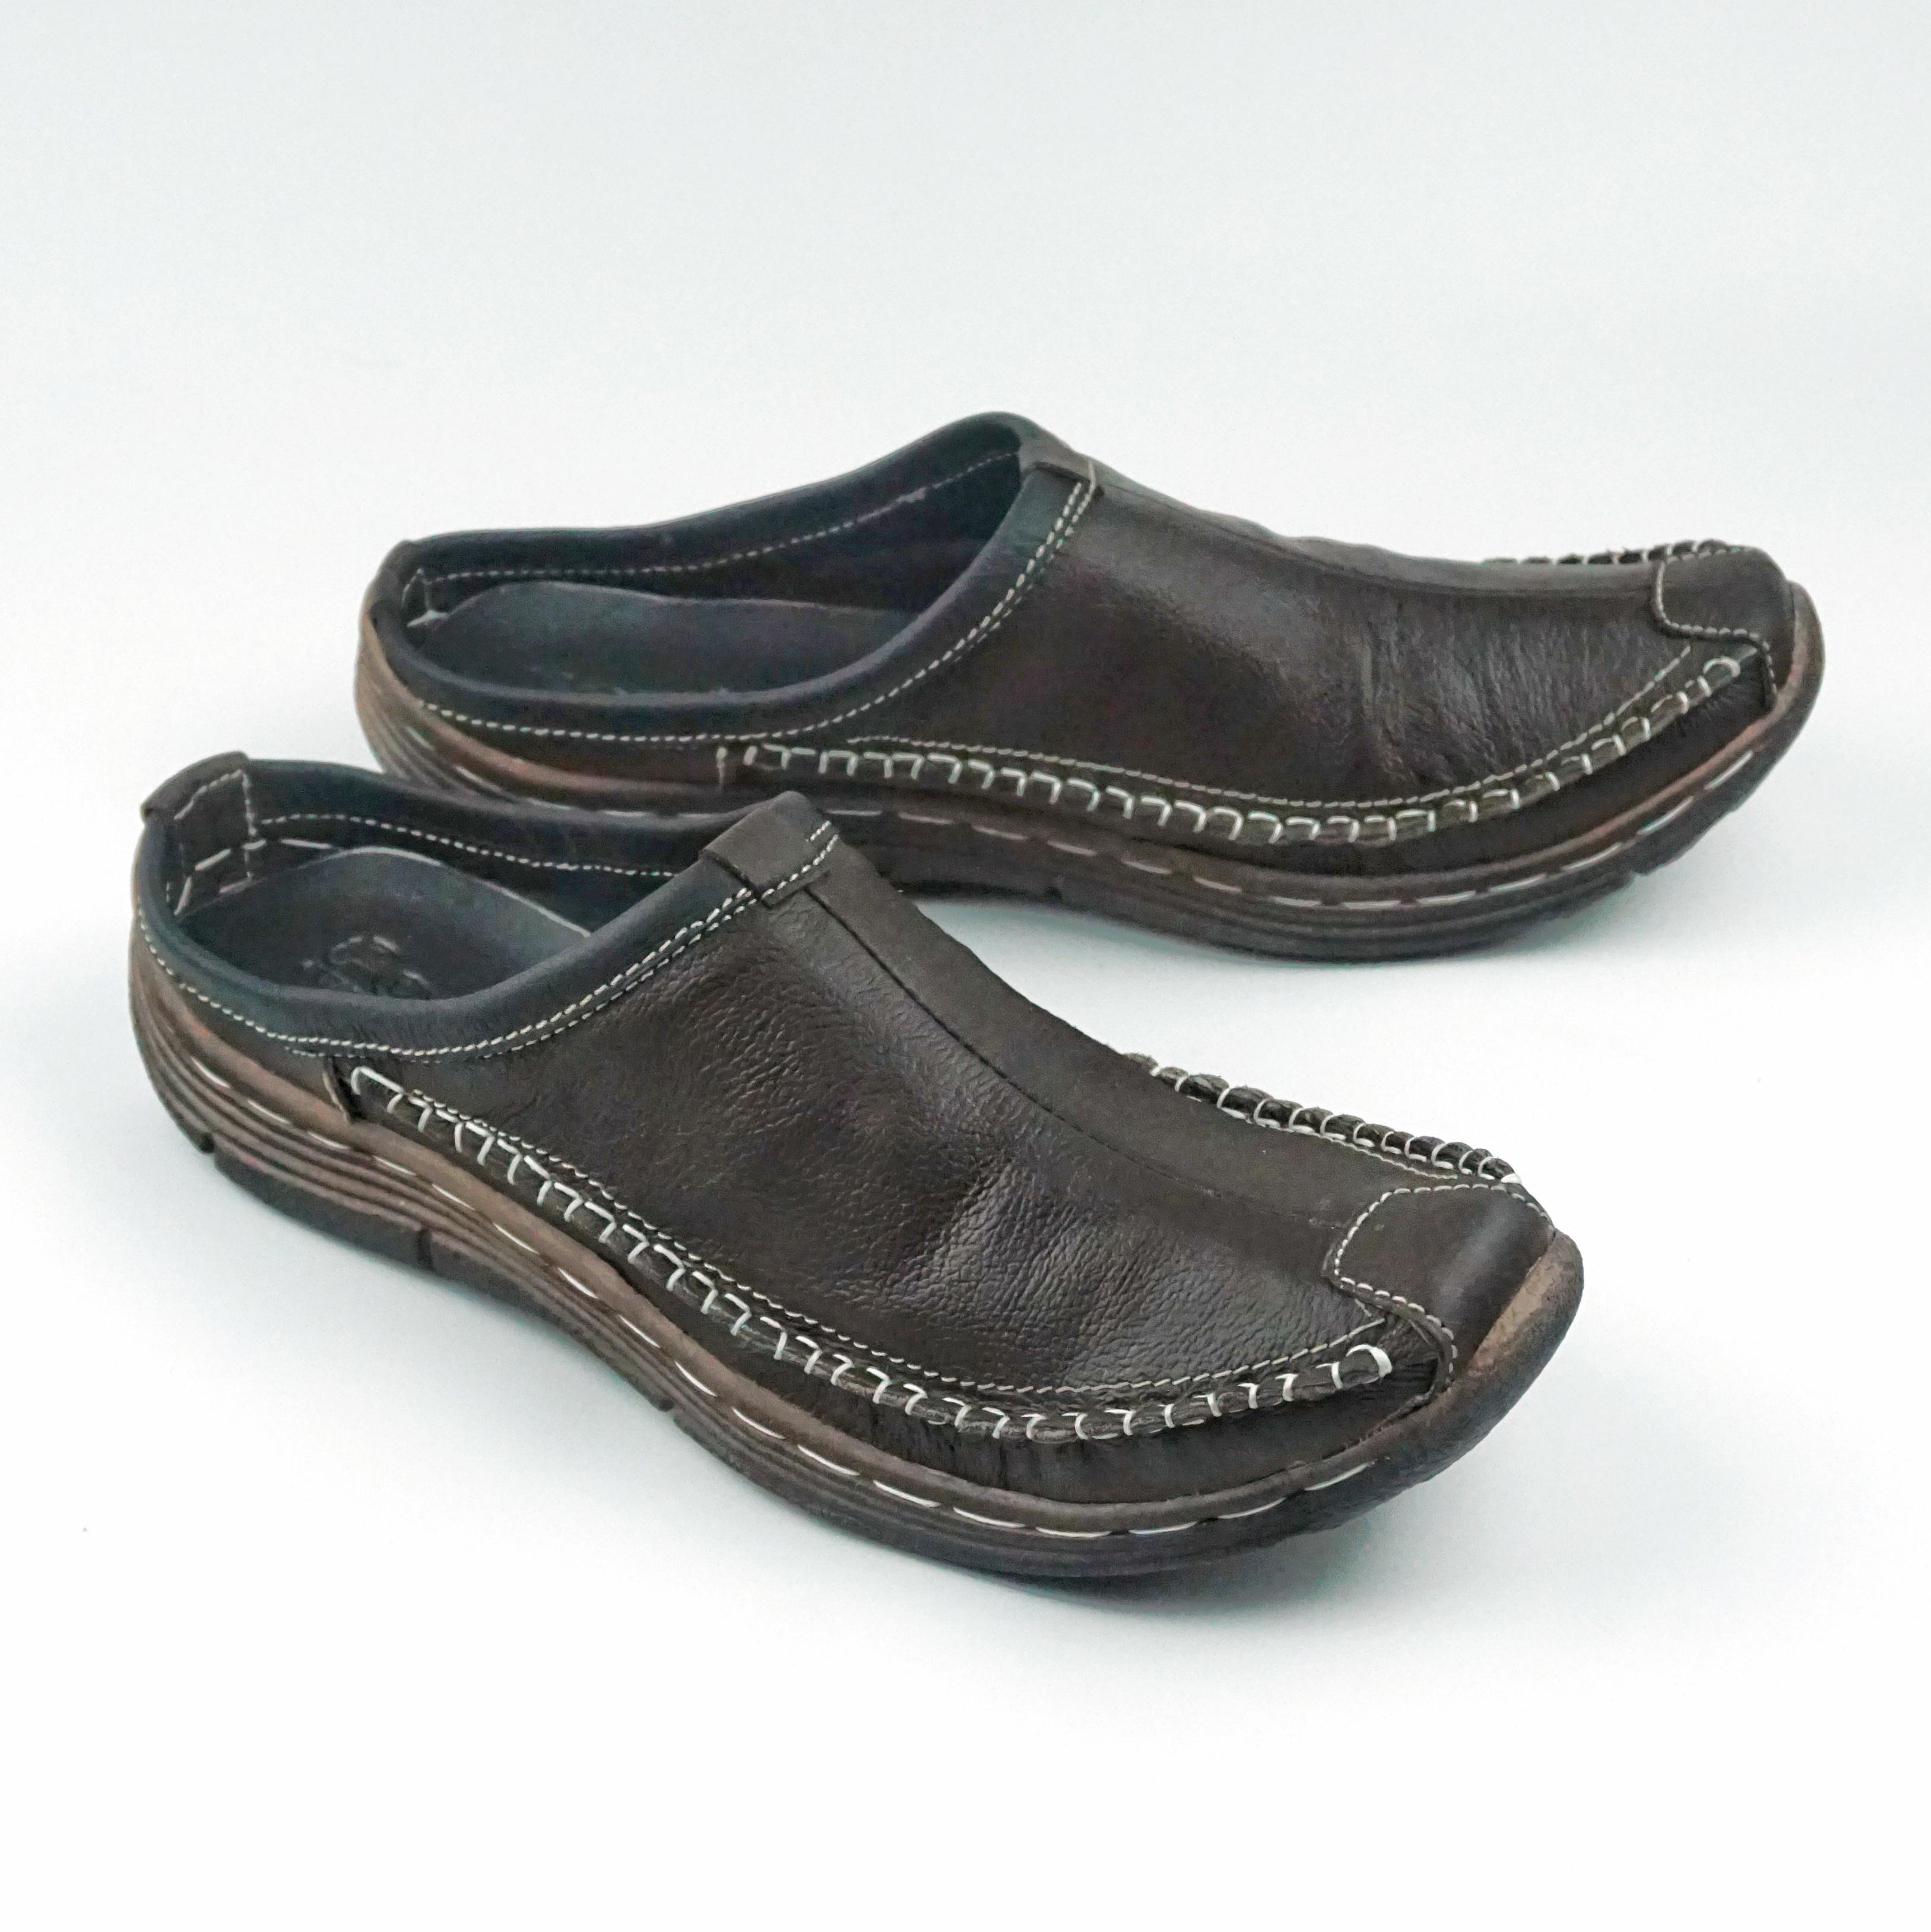 Sendal Sepatu Pria Model Bustong Original Fordza BS01 Sandal Sepatu Kulit  Asli 681f41bf2b